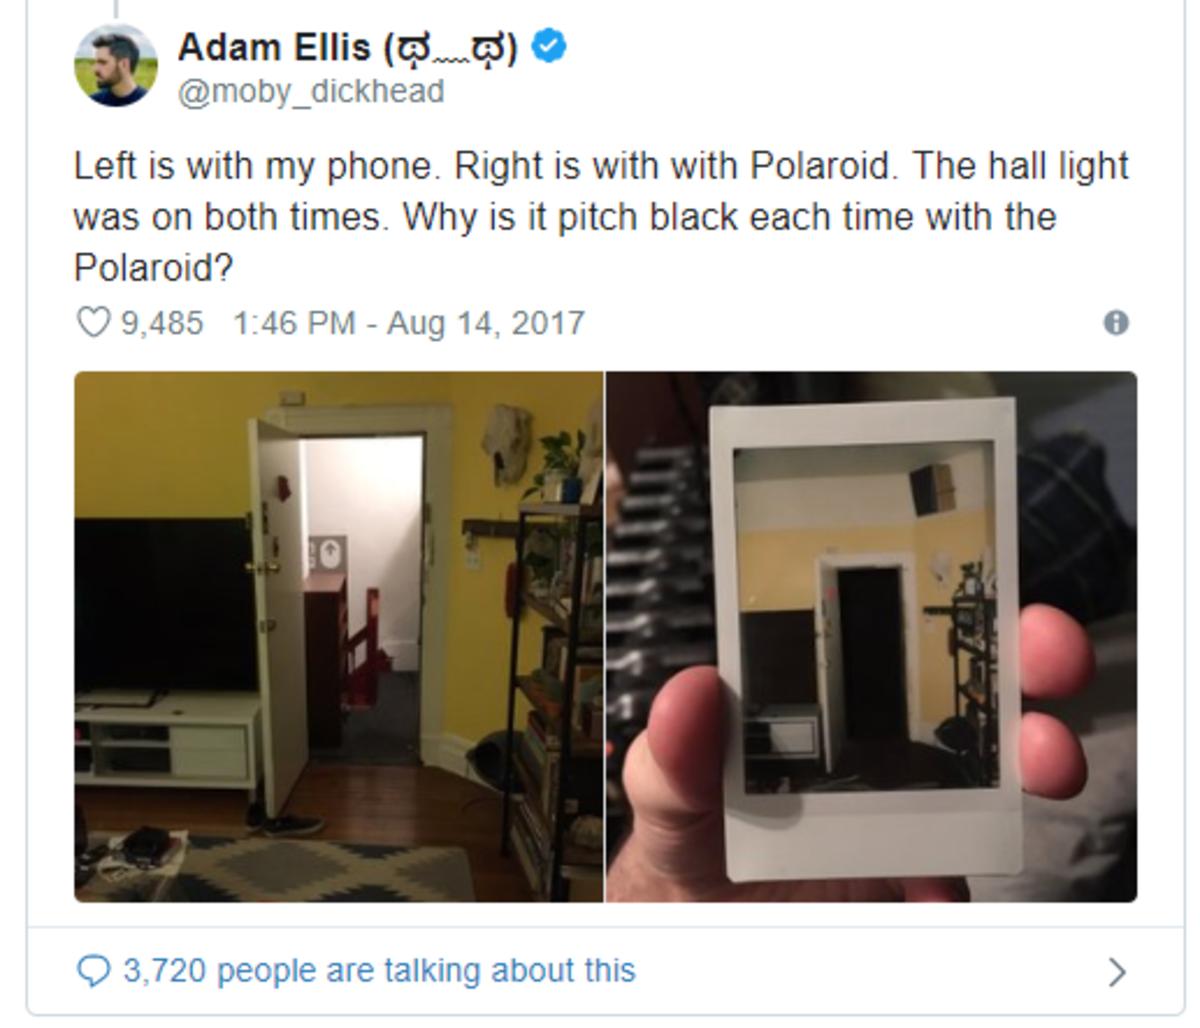 The hallway just turned black.